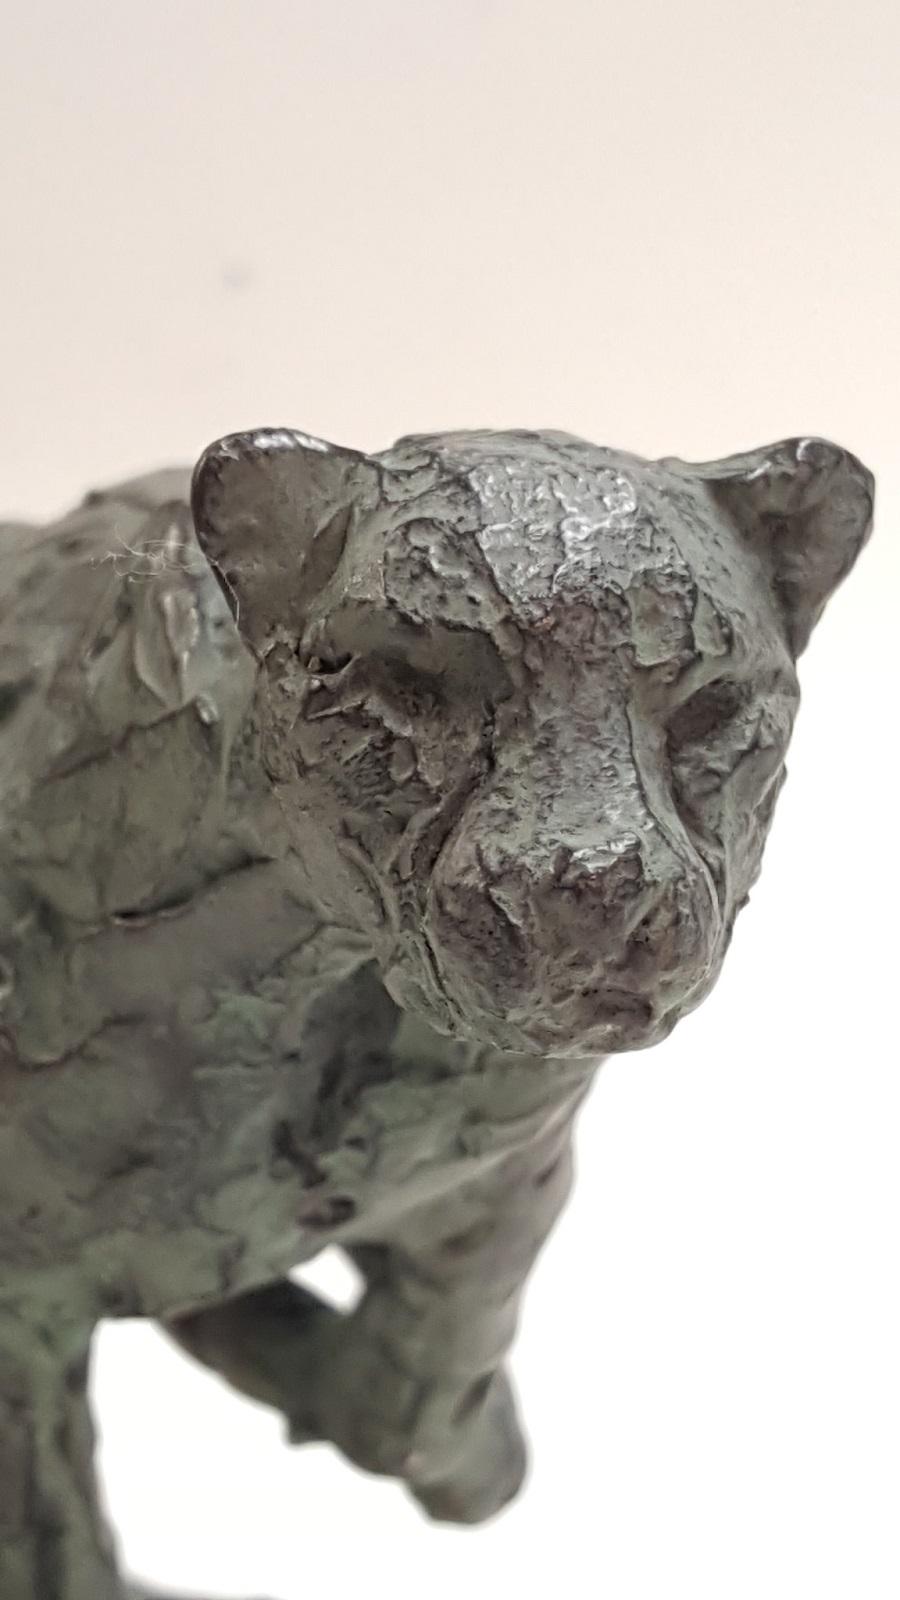 Sculptures by Emilie